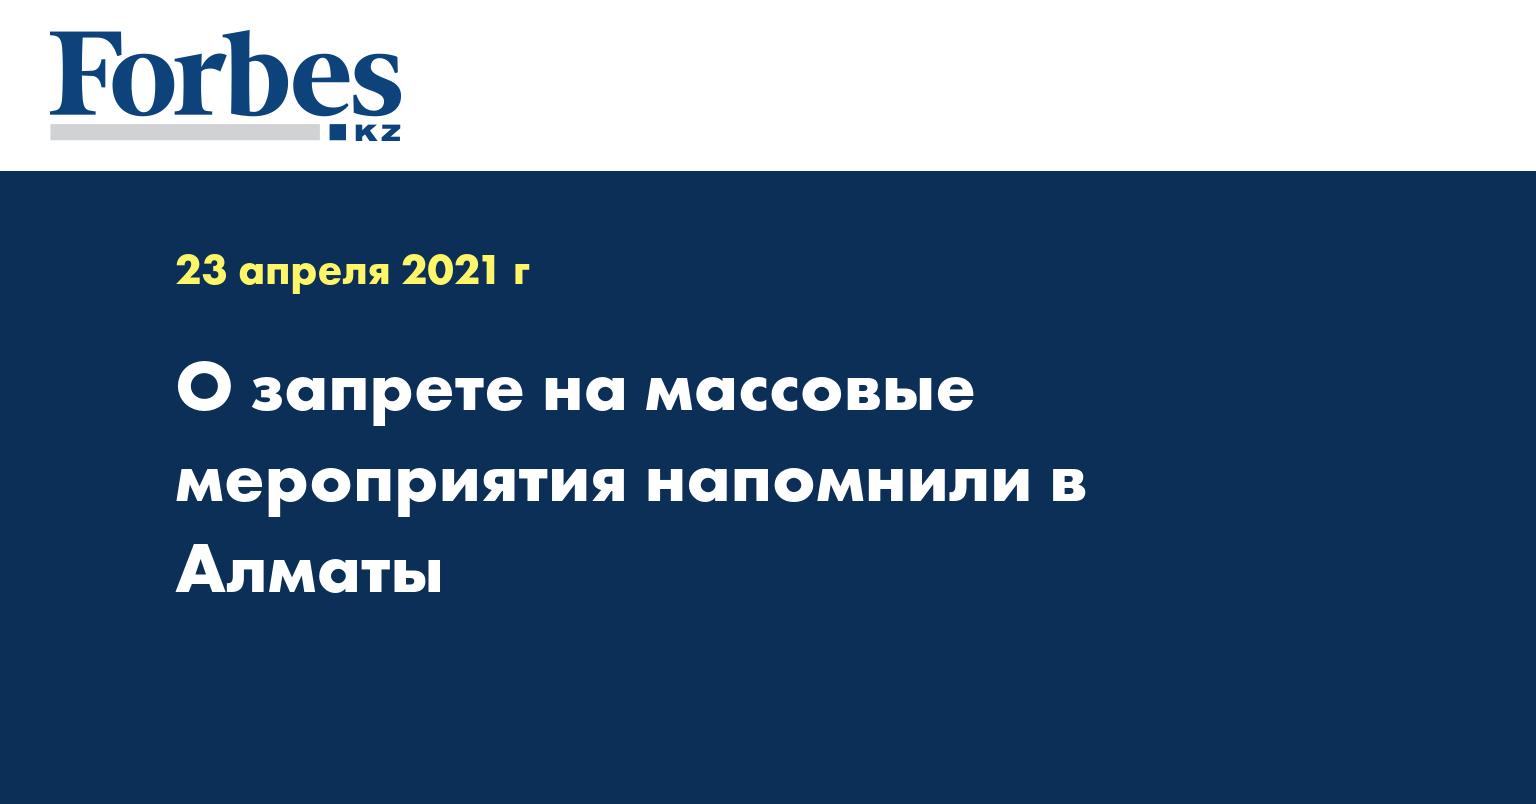 О запрете на массовые мероприятия напомнили в  Алматы